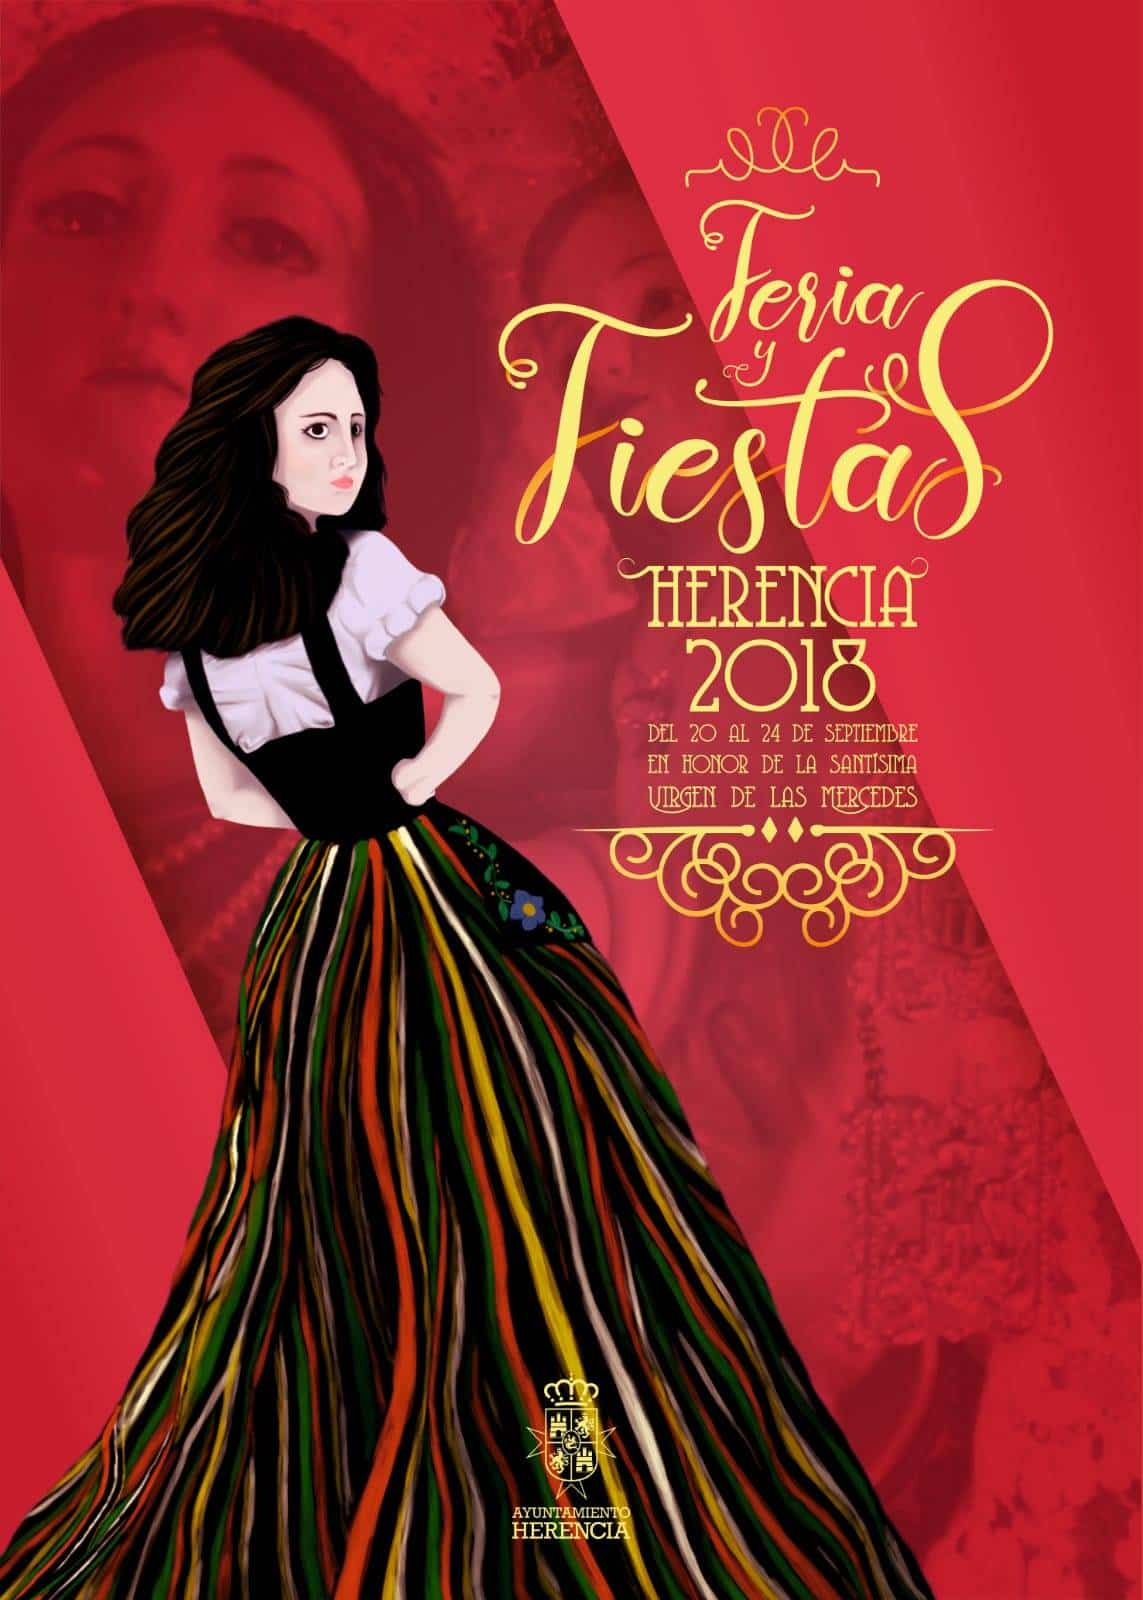 portada libro feria fiestas 2018 herencia - Programa de Feria y Fiestas de Herencia 2018